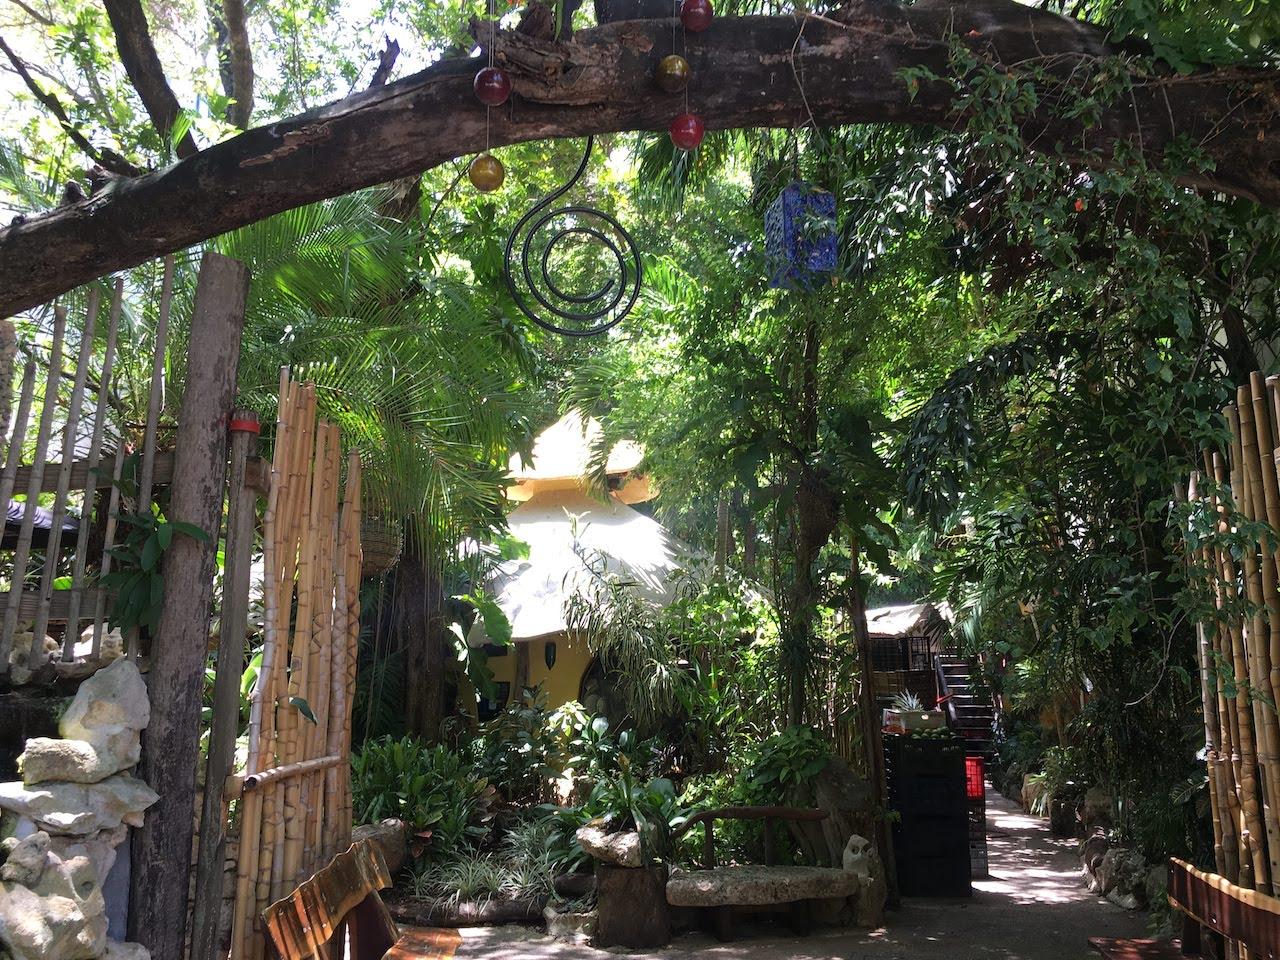 Restaurant la cueva de chango